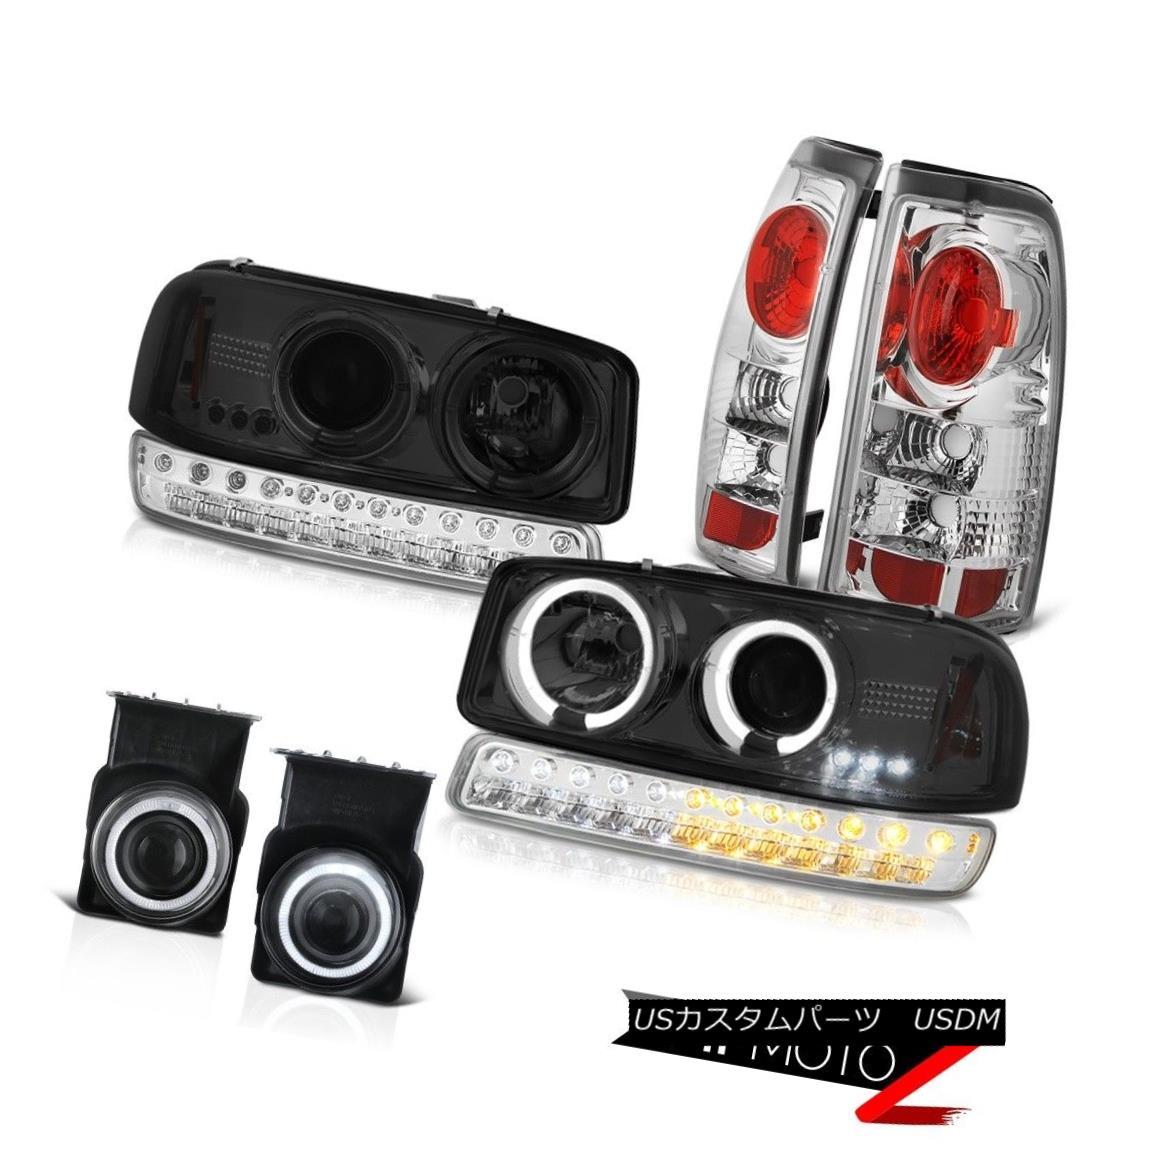 テールライト 03 04 05 06 Sierra 4.3L Fog Lamps Tail Bumper Lamp Phantom Smoke Headlights LED 03 04 05 06シエラ4.3LフォグランプテールバンパーランプファントムスモークヘッドライトLED